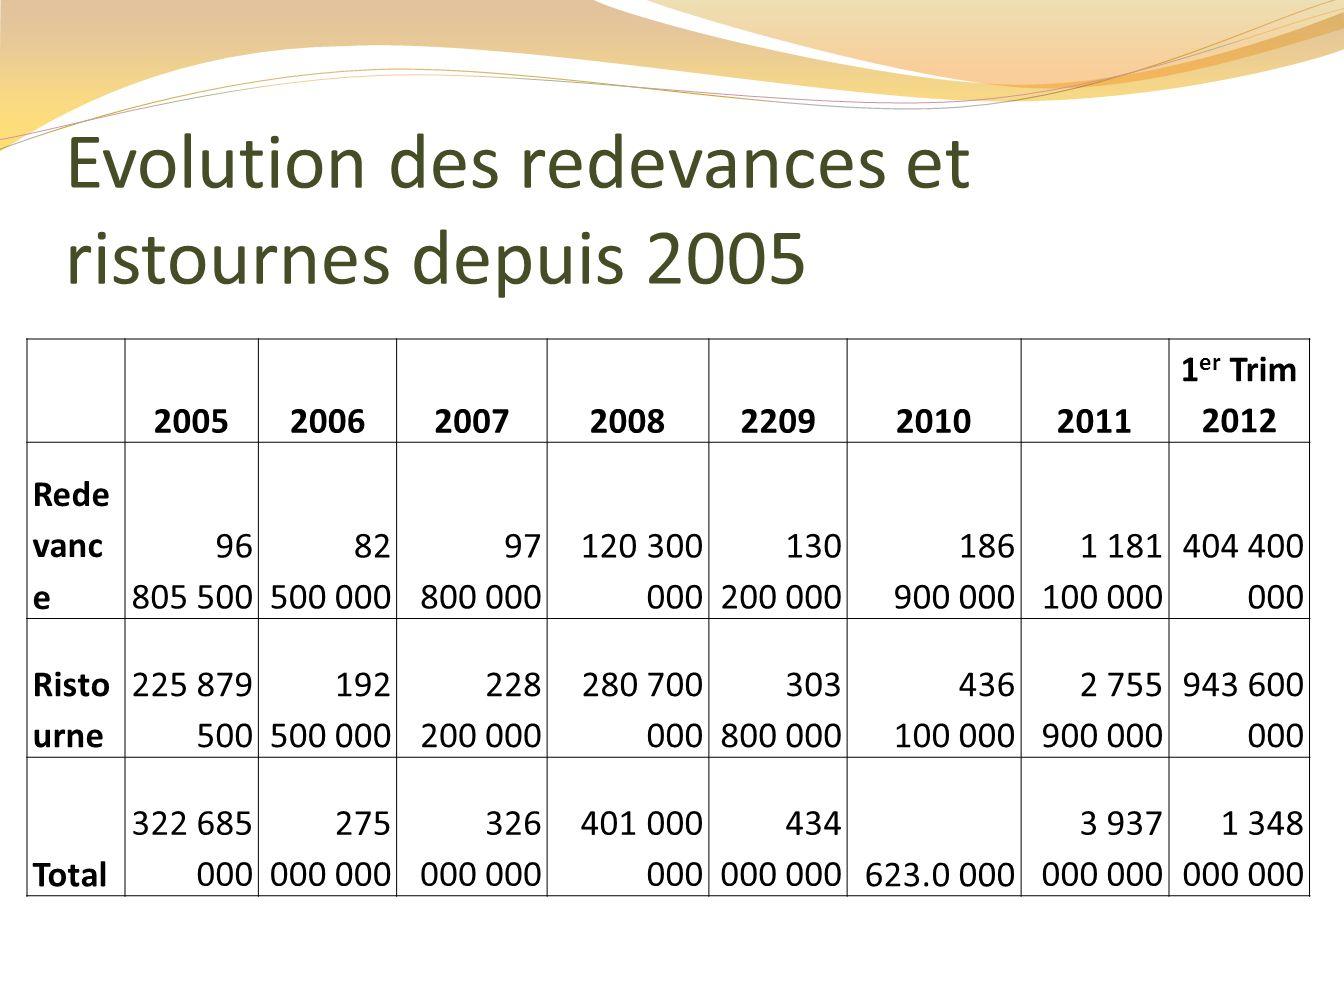 Evolution des redevances et ristournes depuis 2005